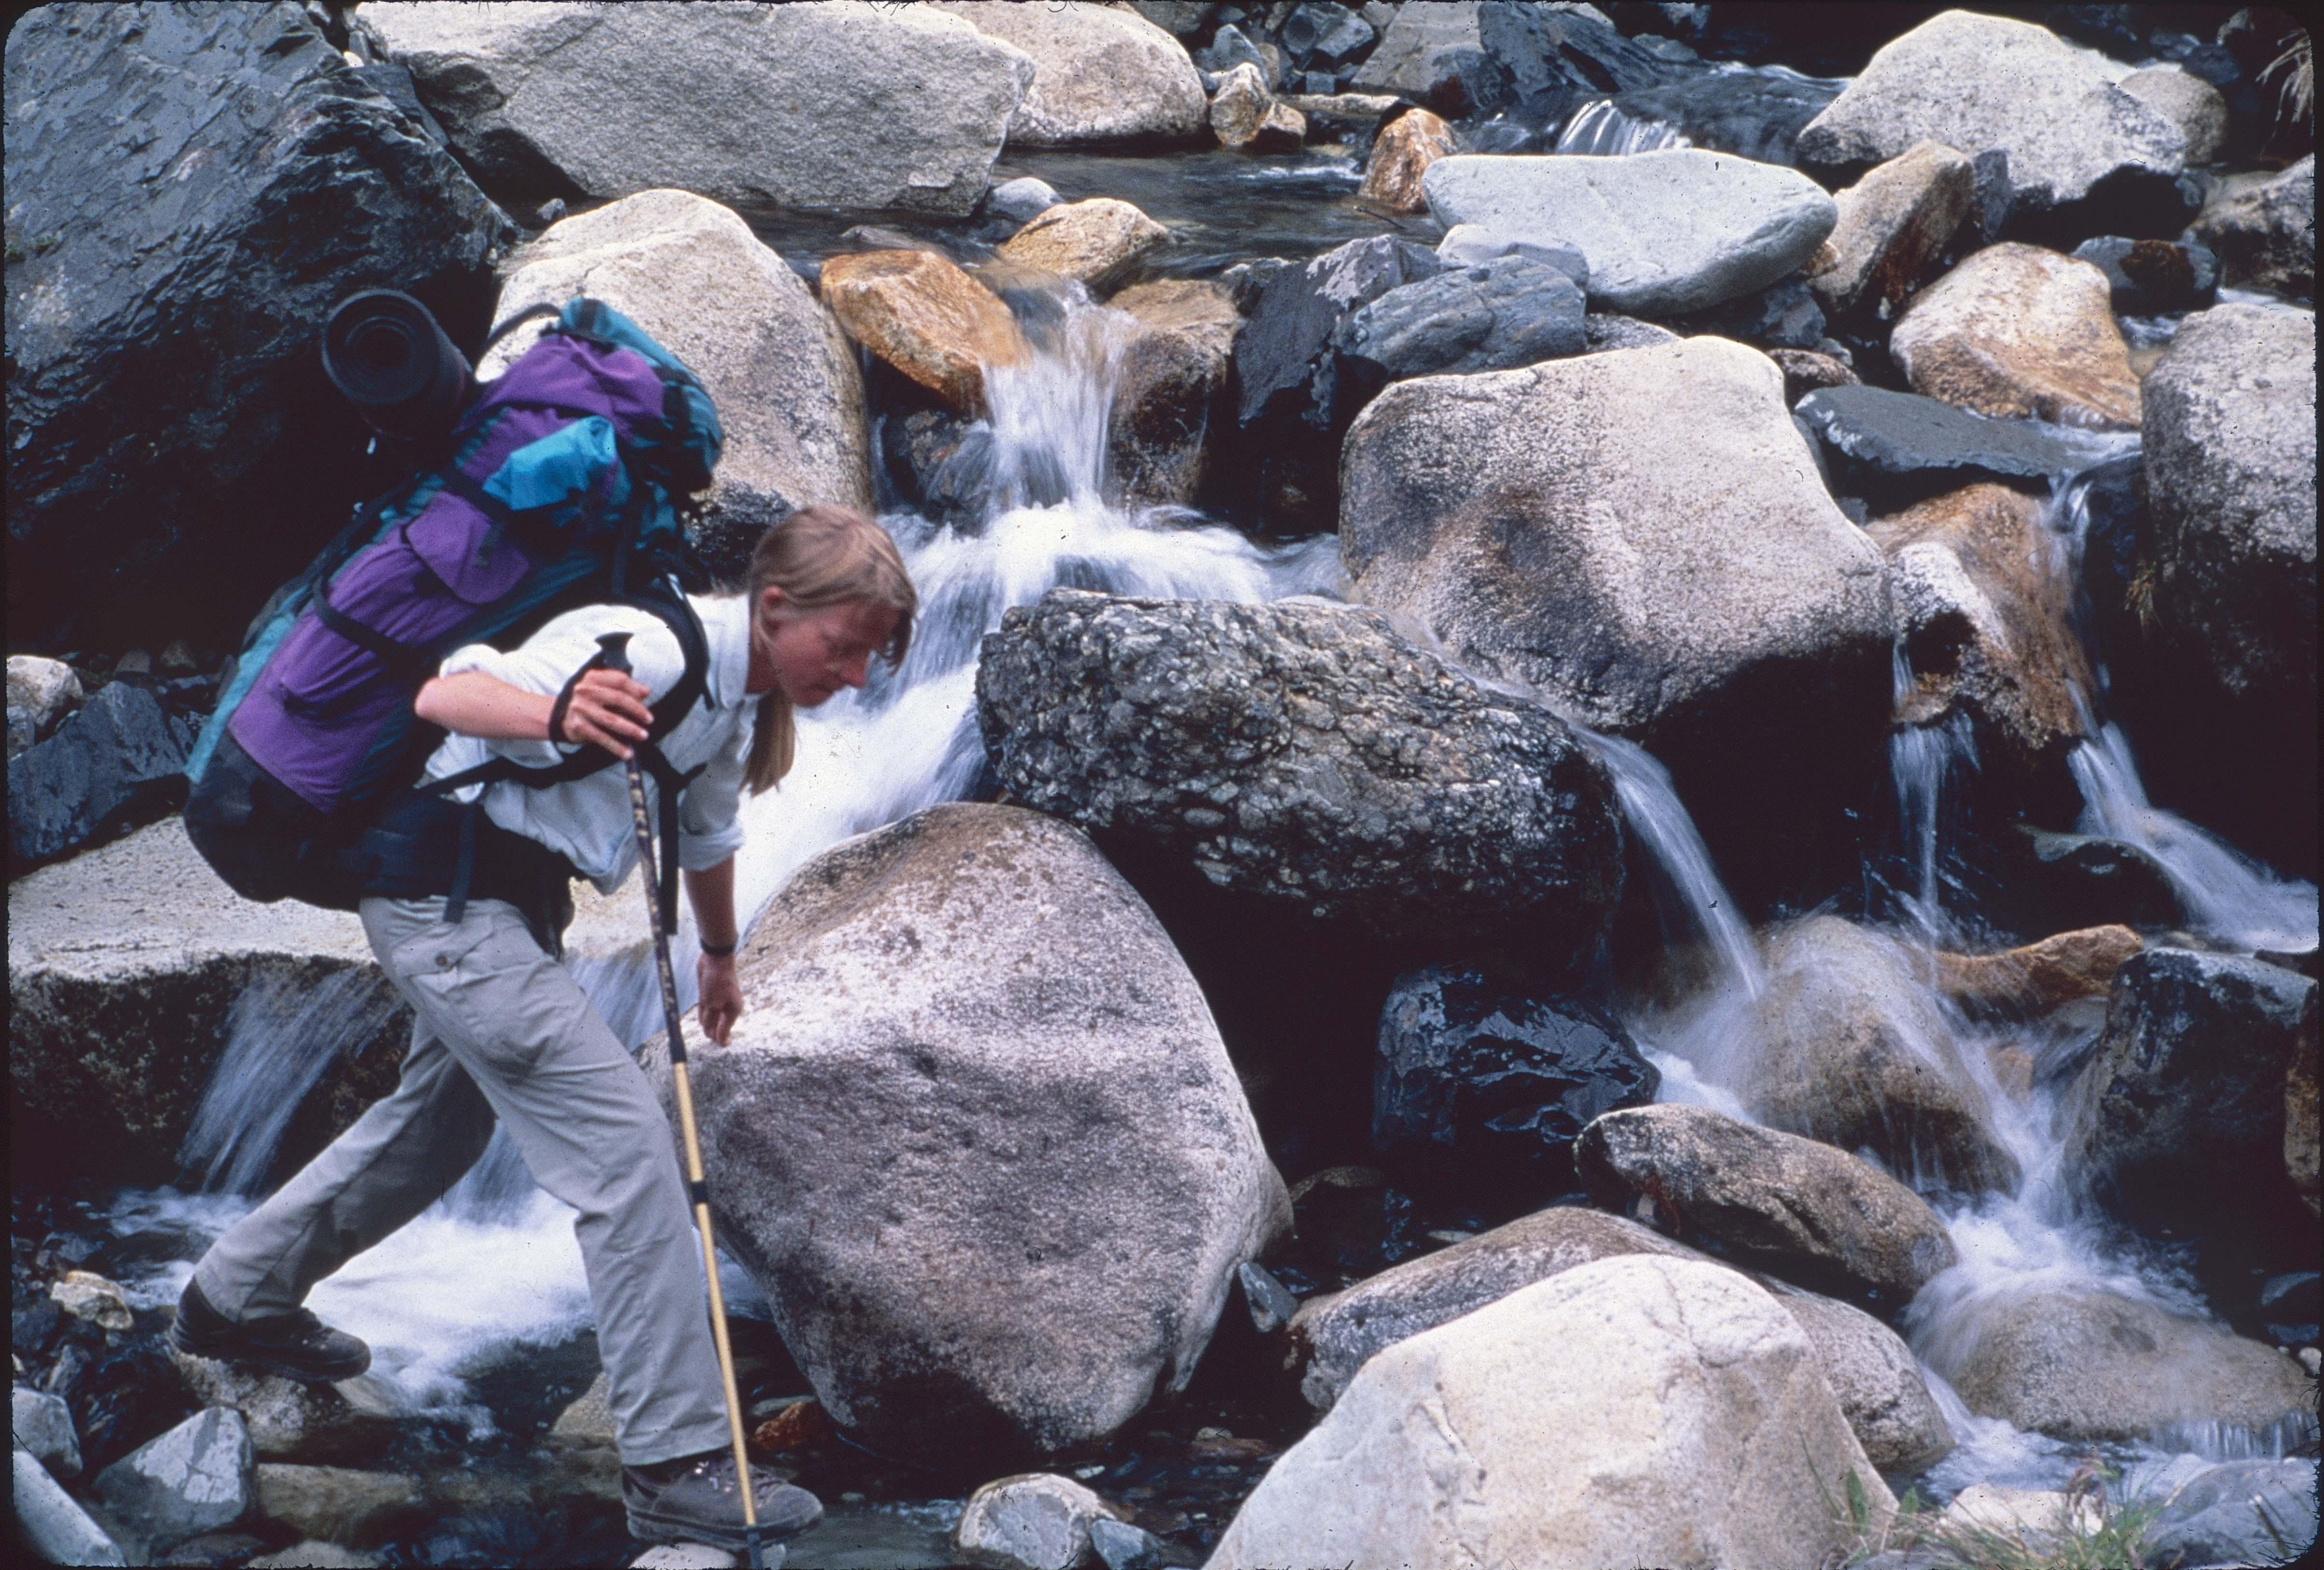 Enterreno - Fotos históricas de chile - fotos antiguas de Chile - Trekking  en los 90s